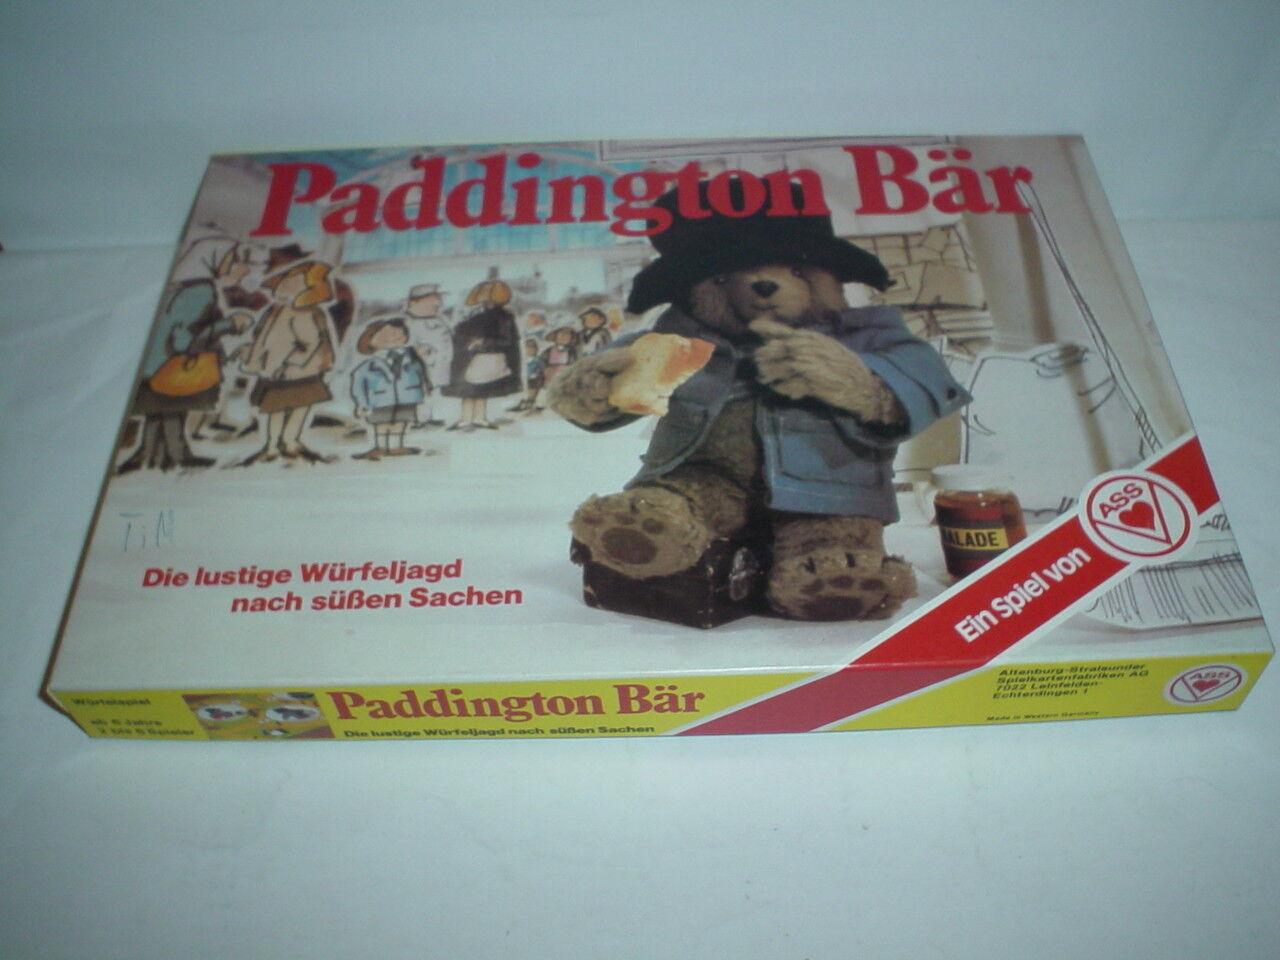 Paddington Bär - Die lustige Würfeljagd nach süßen Sachen - von ASS